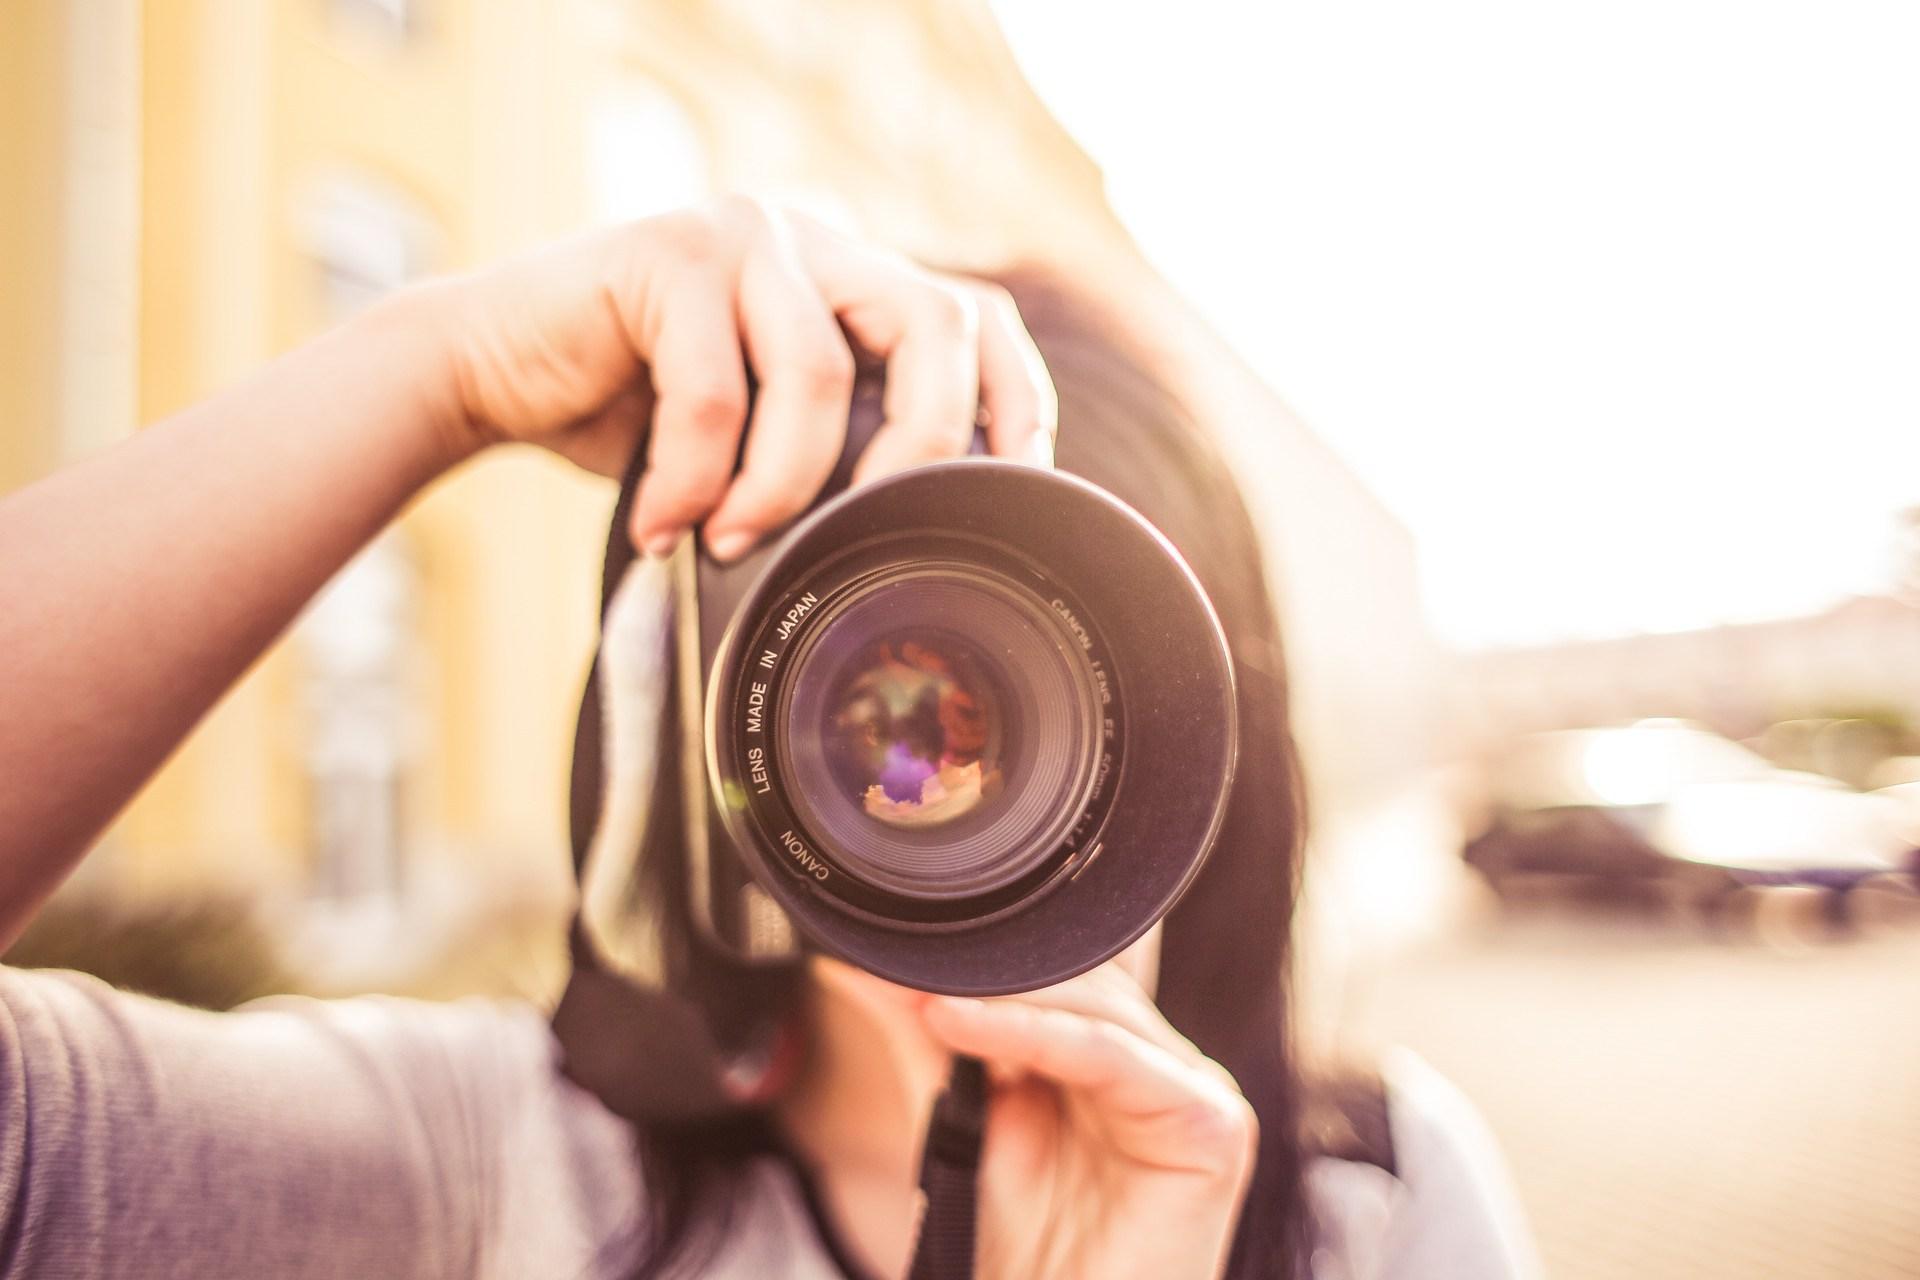 Focusing a camera